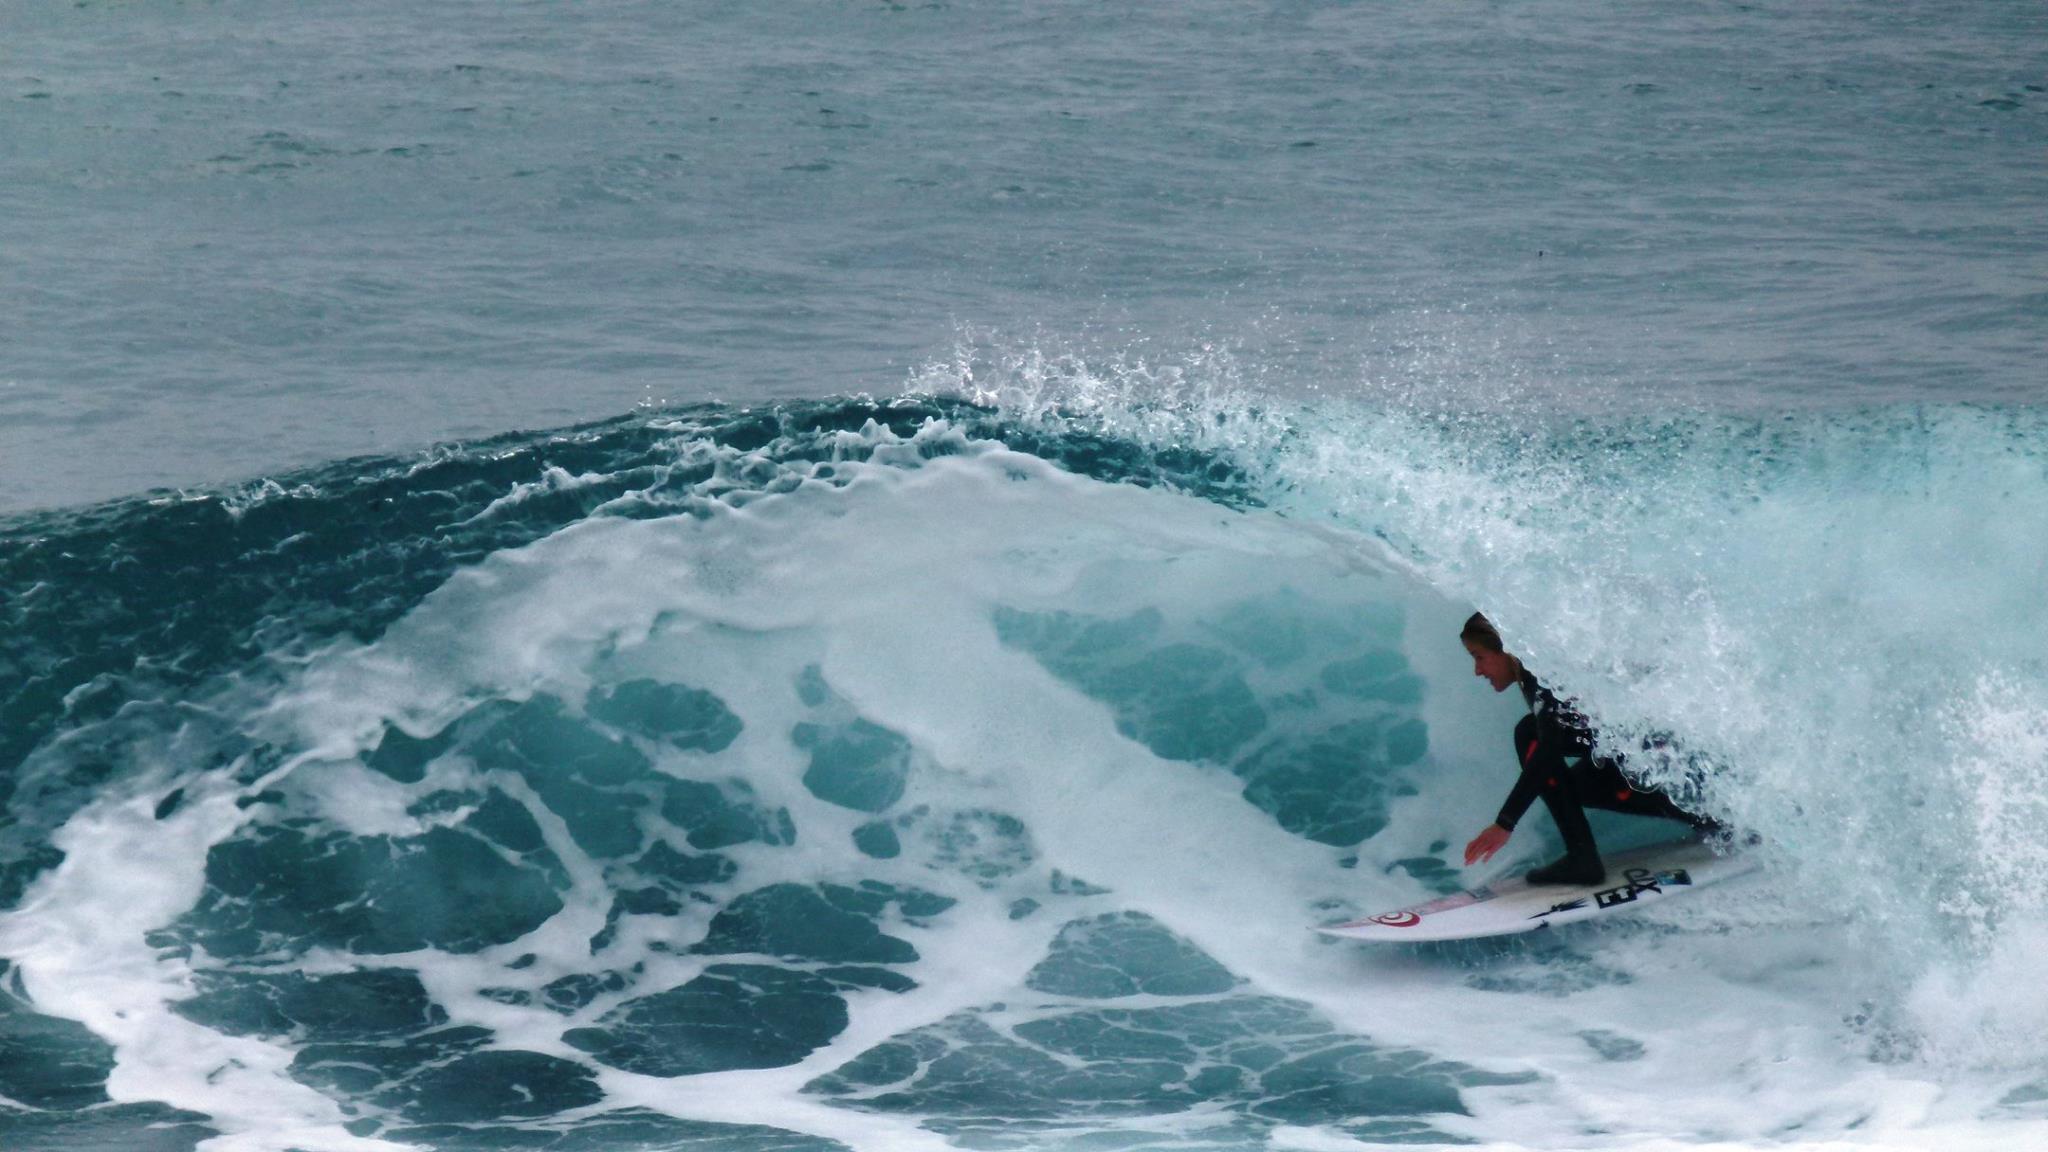 tube en surf, pauline ado, tube, côte bleue, méditerranée, surfeuse pro